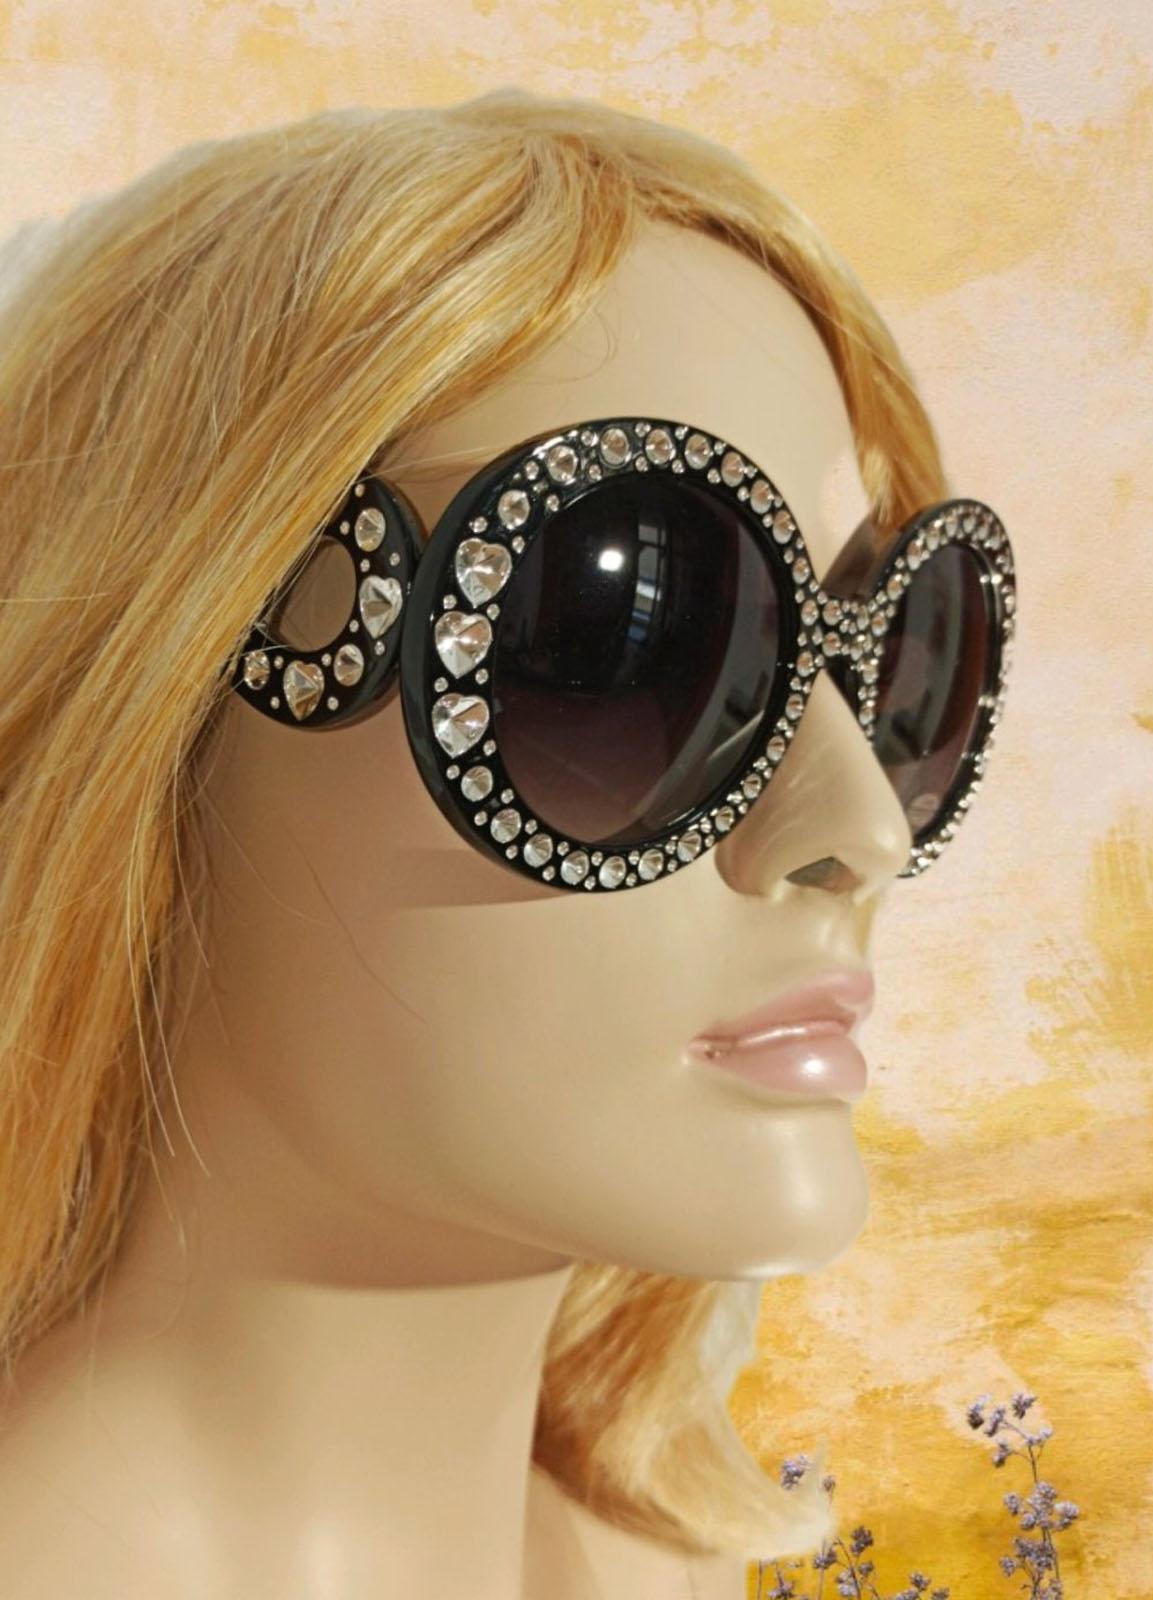 Sun Glass Woman